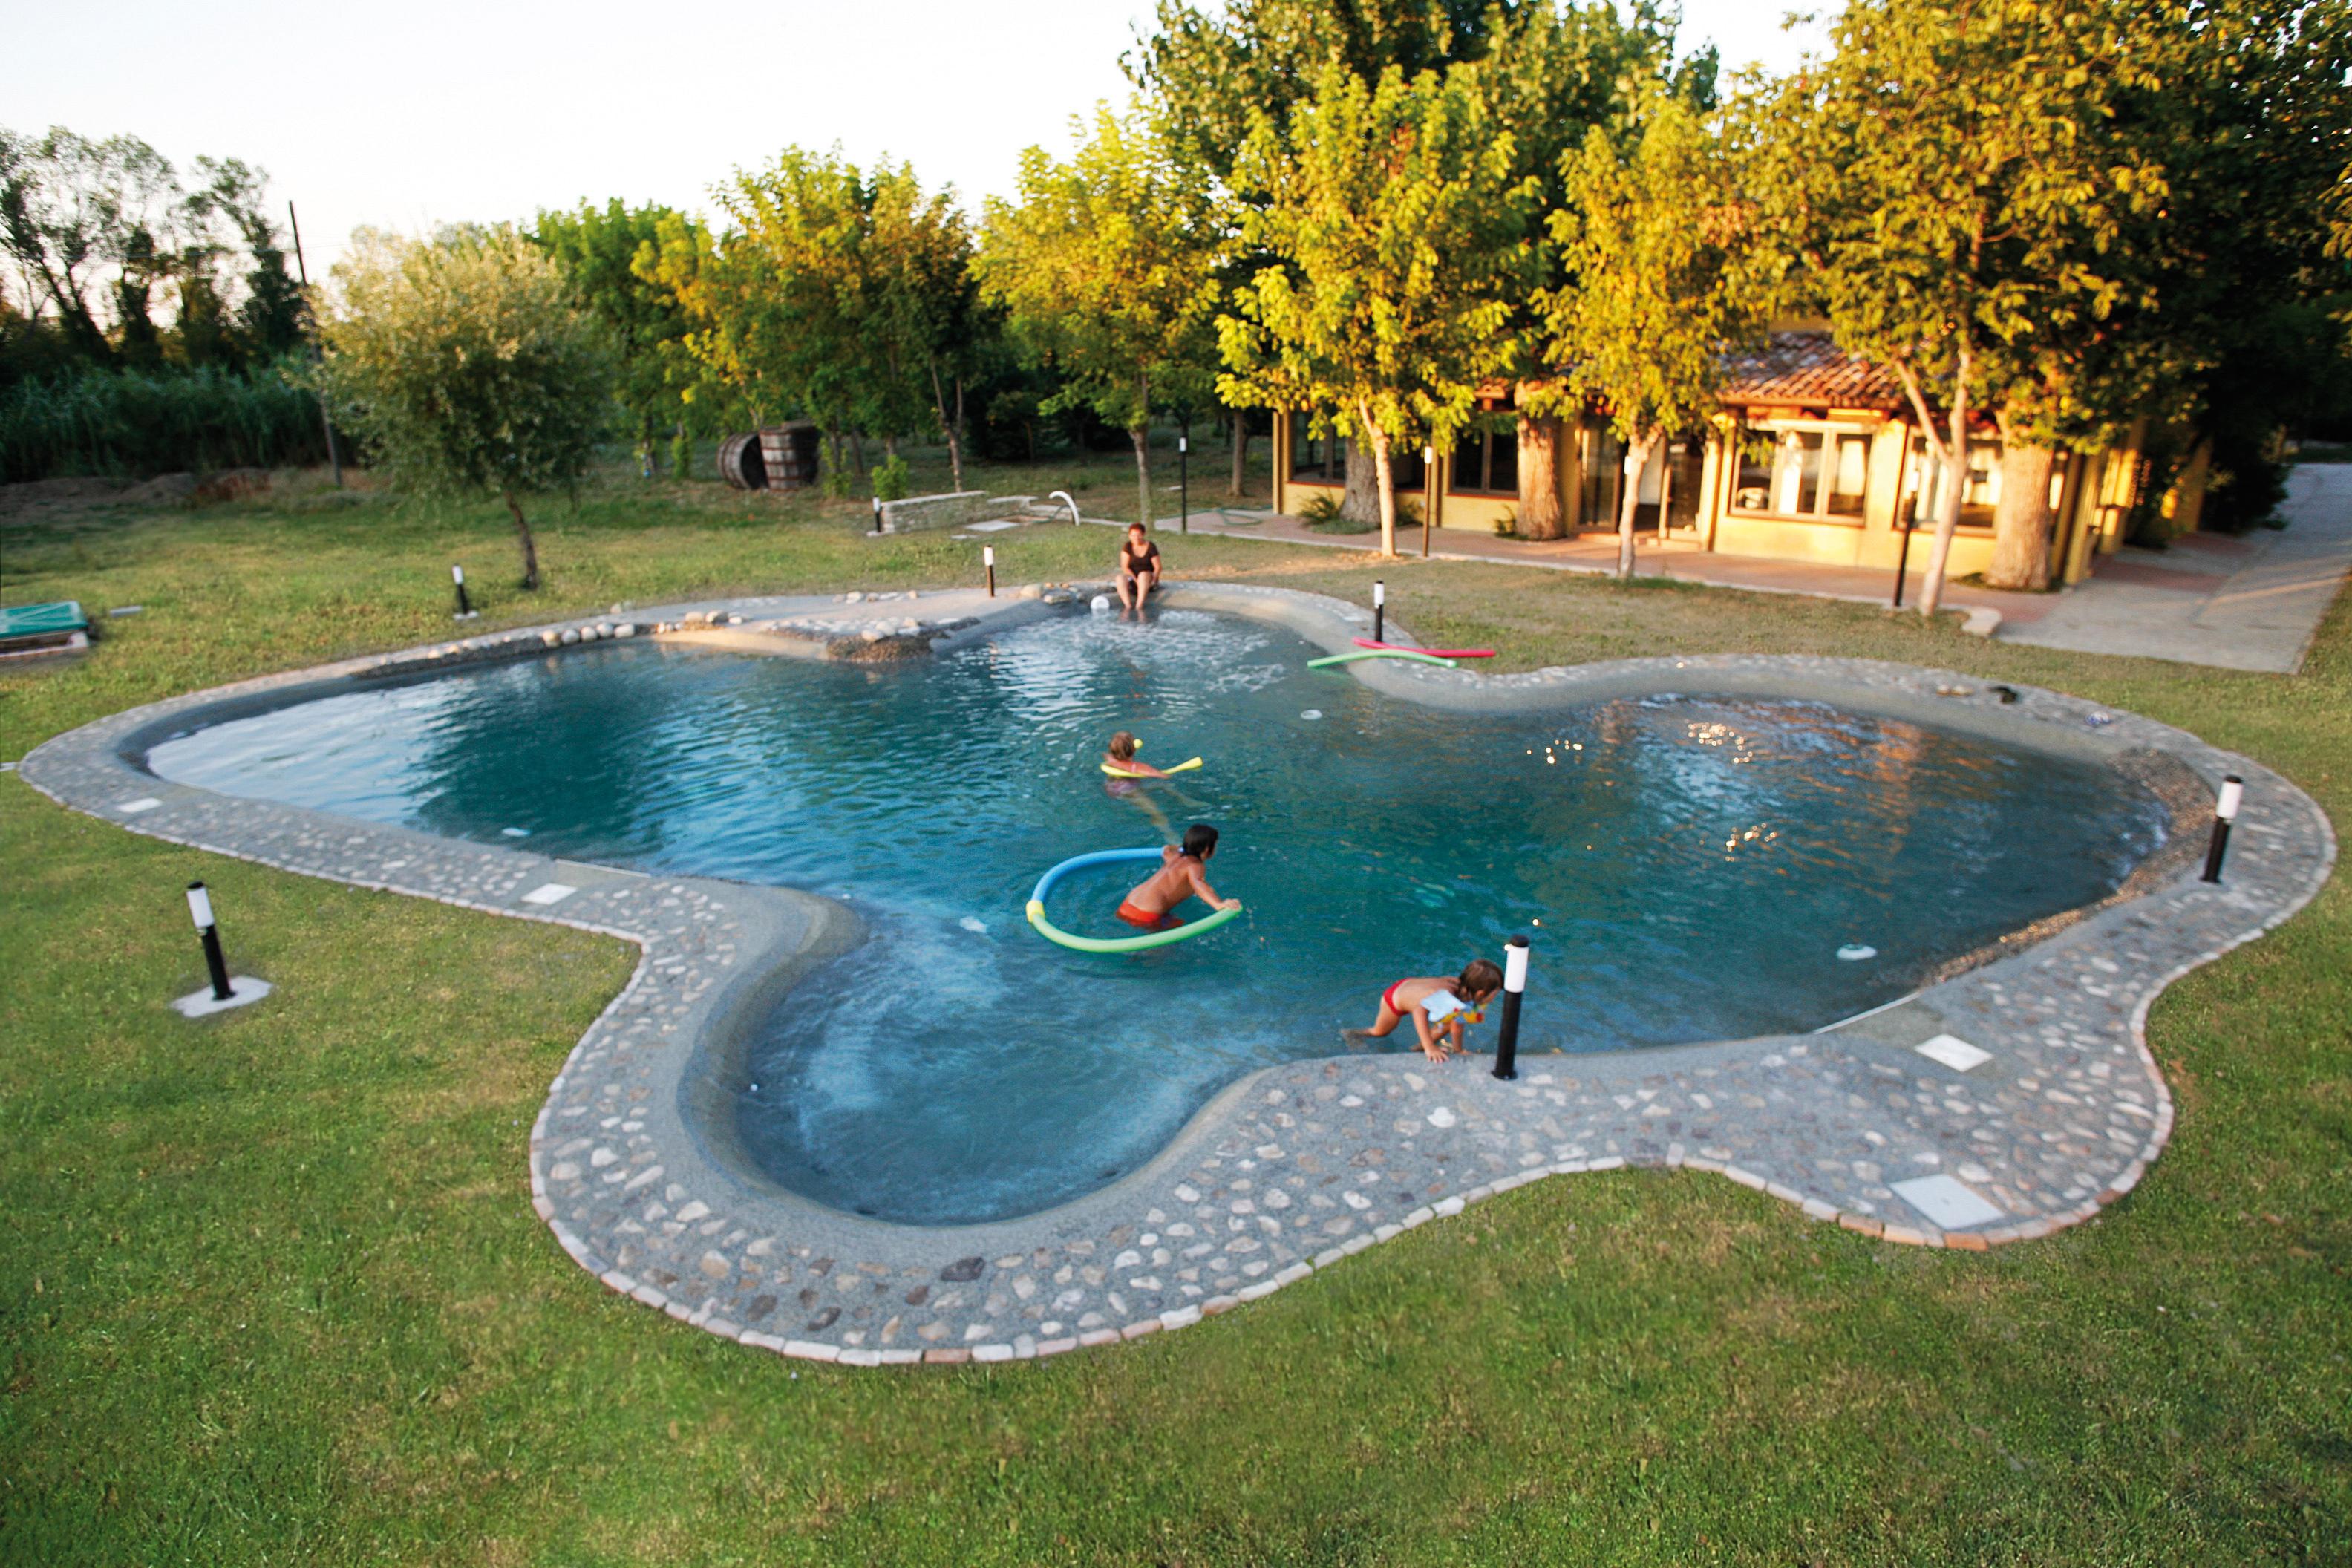 benza piscine biodesign e biolaghi balneabili